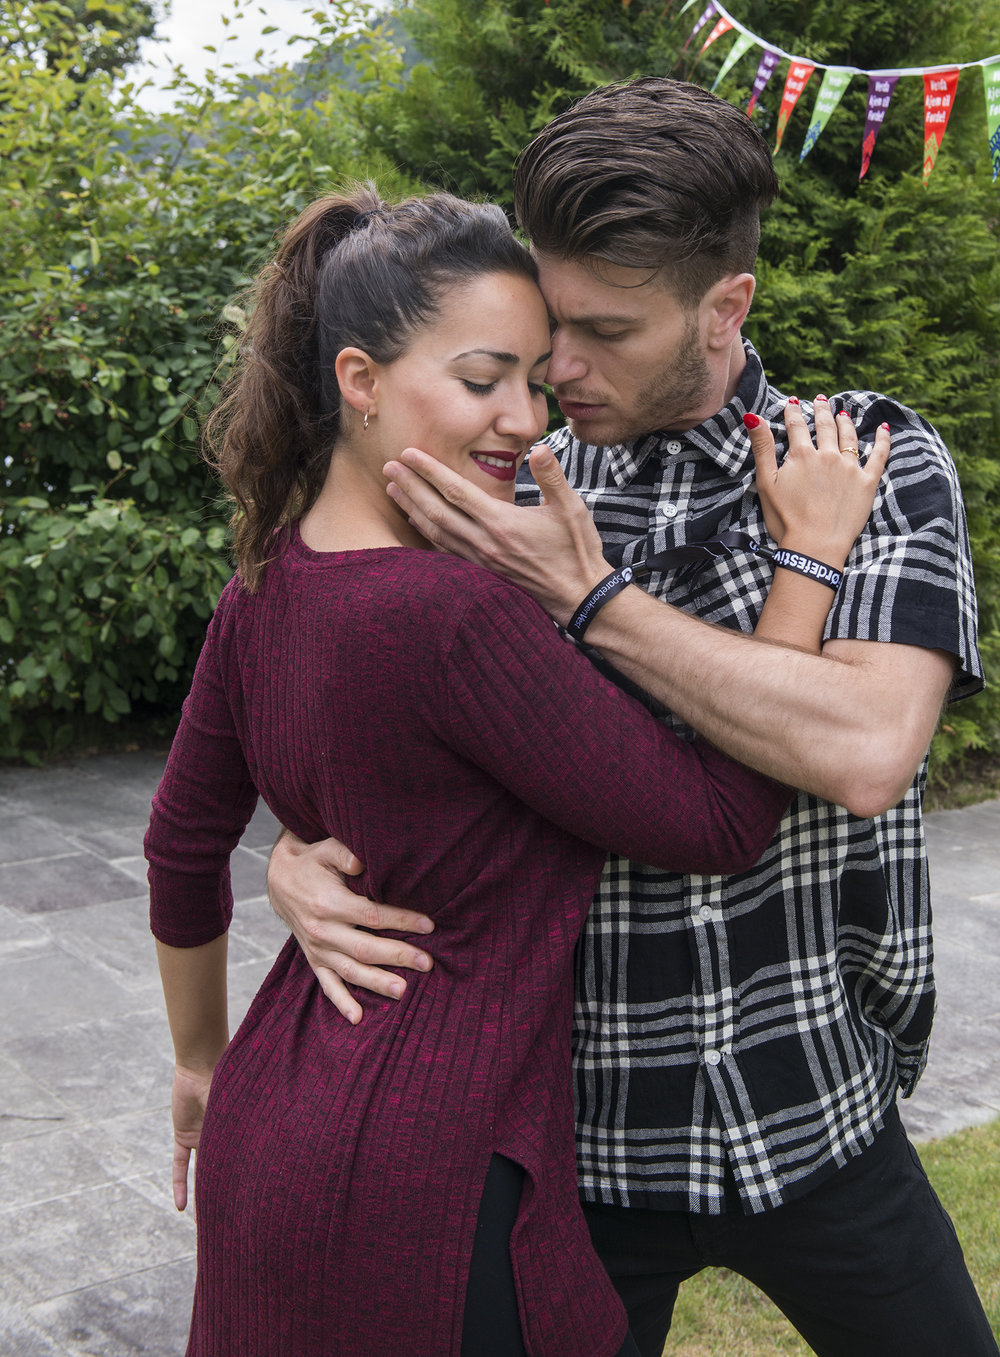 Mercedes Jaldón og Manuel Ramírez har mange uttrykk å spele på. (Foto: Marianne Lystrup)